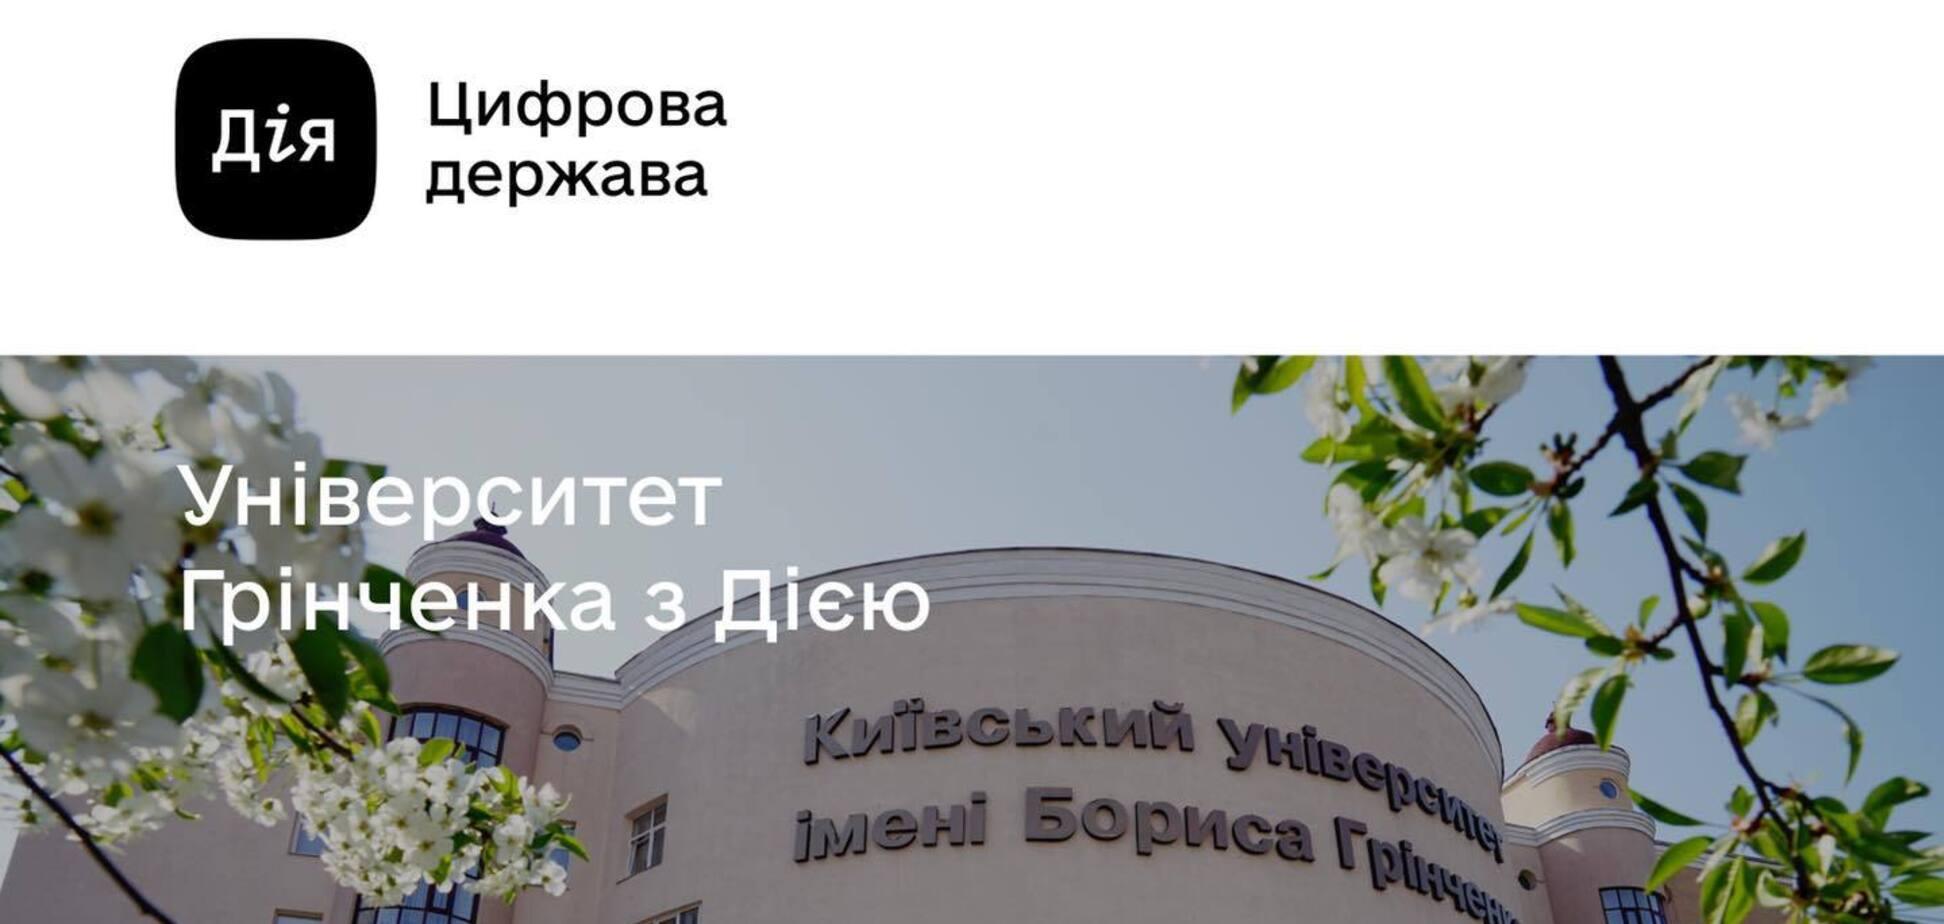 В одном из университетов Киева ввели е-студенческий